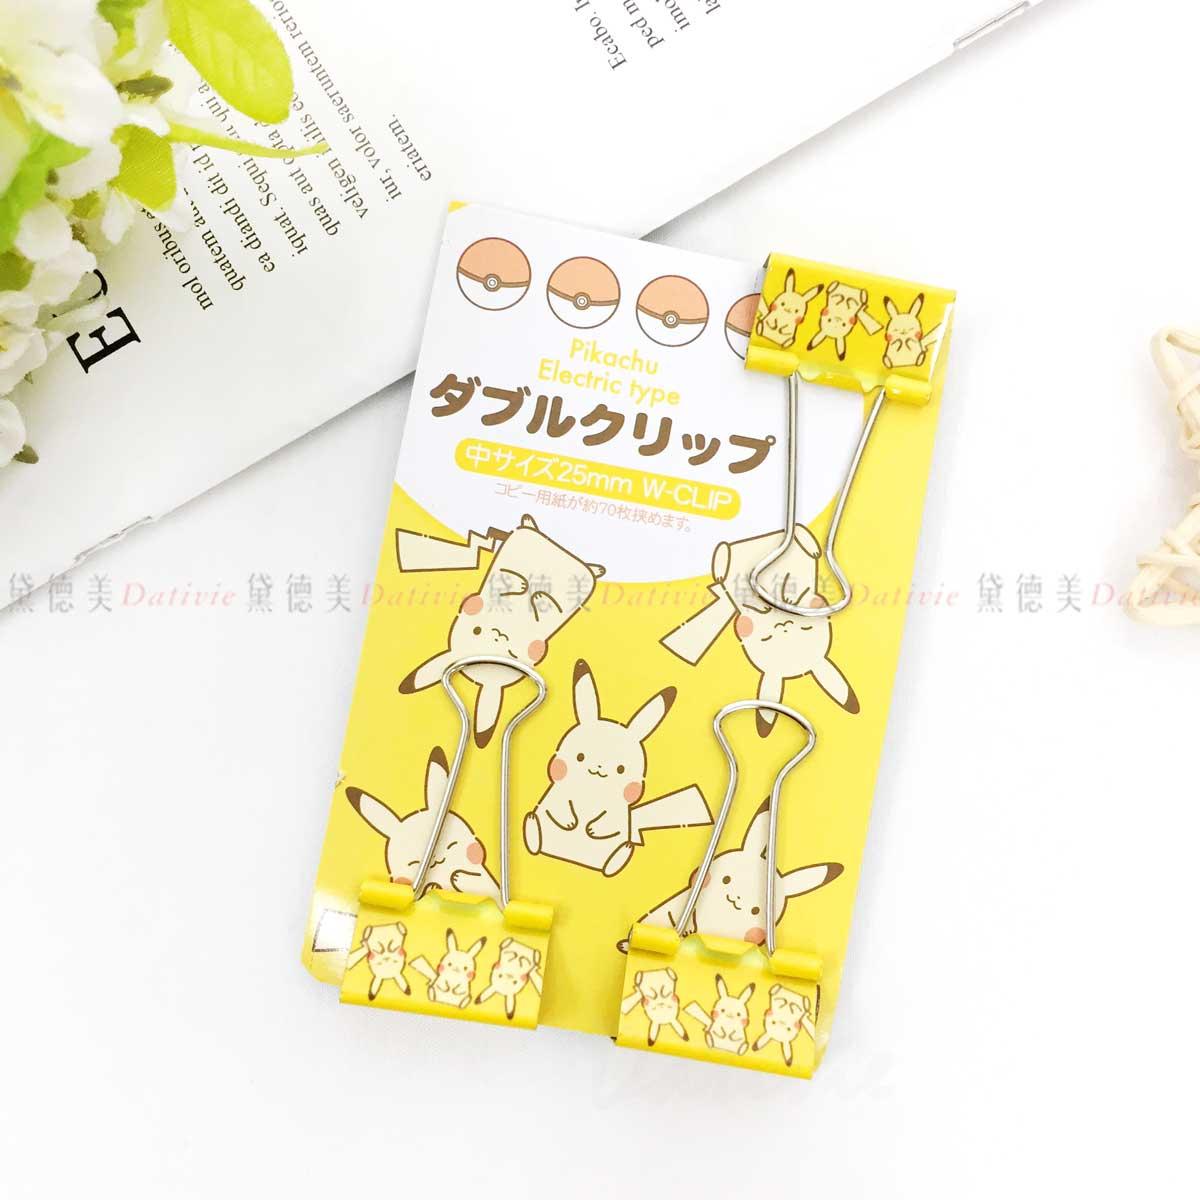 鐵製長尾夾組 3入-皮卡丘 神奇寶貝 寶可夢 POKEMON 日本進口正版授權